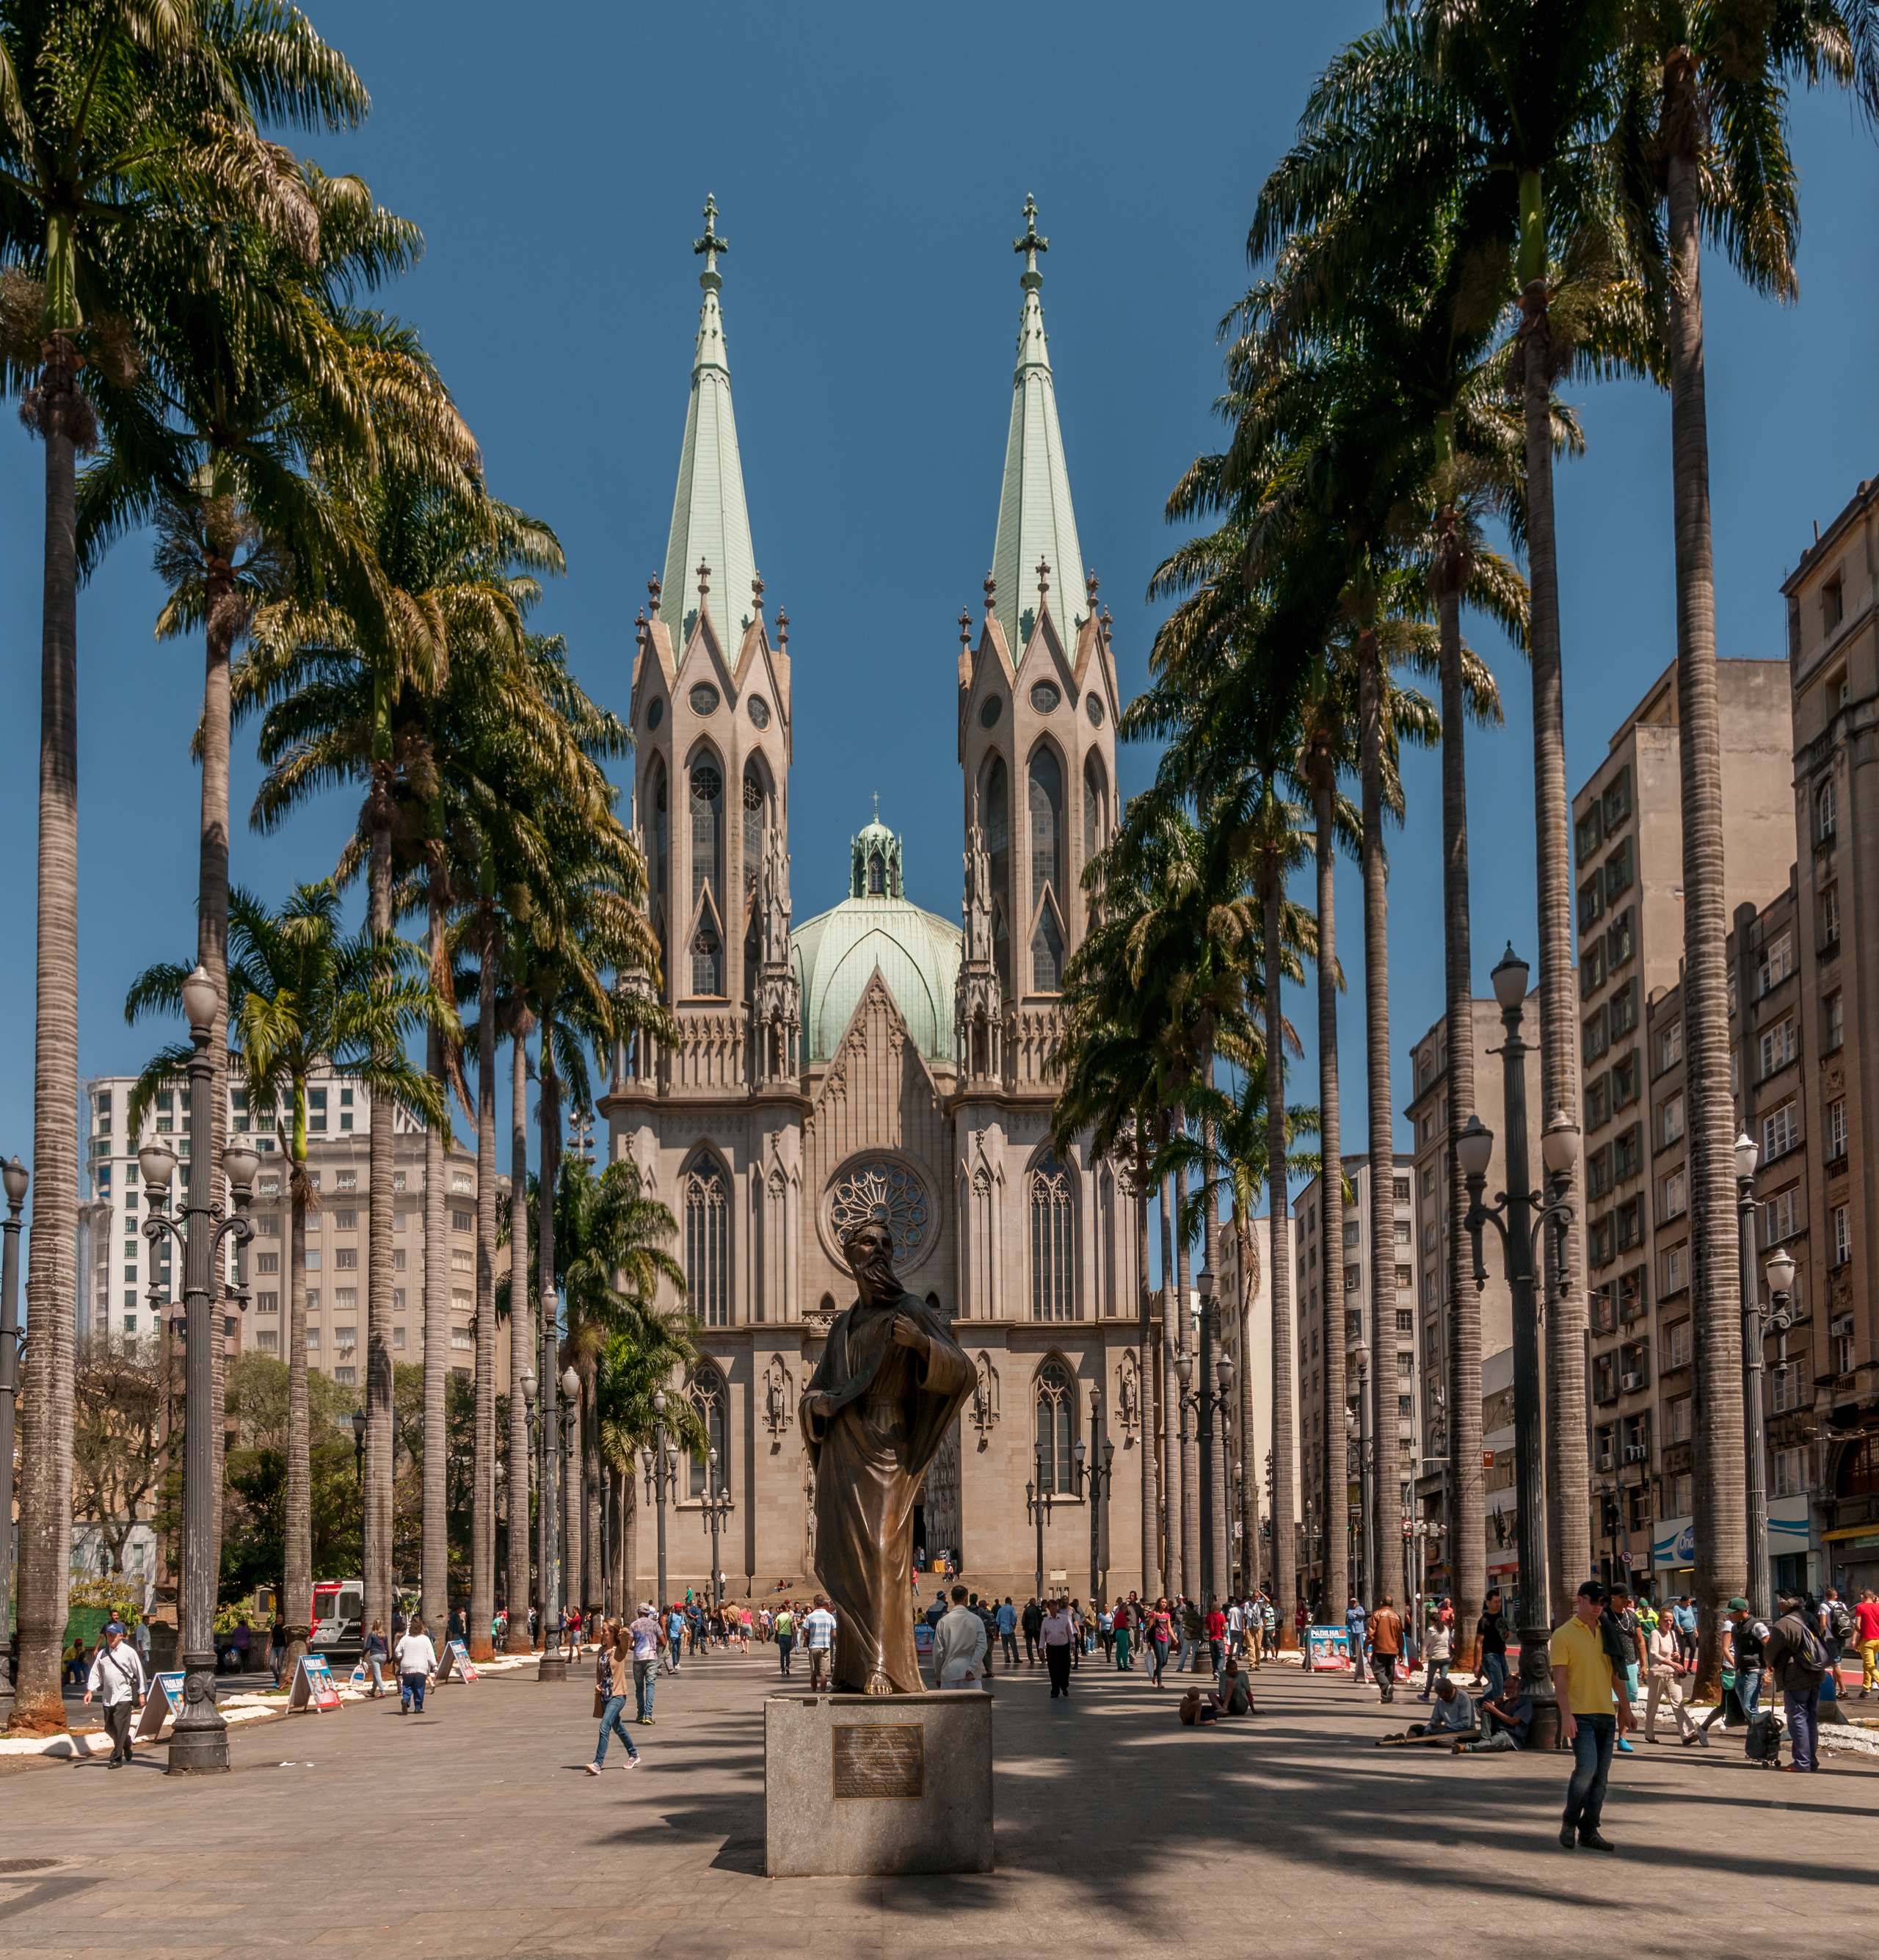 Praça da Sé (São Paulo)